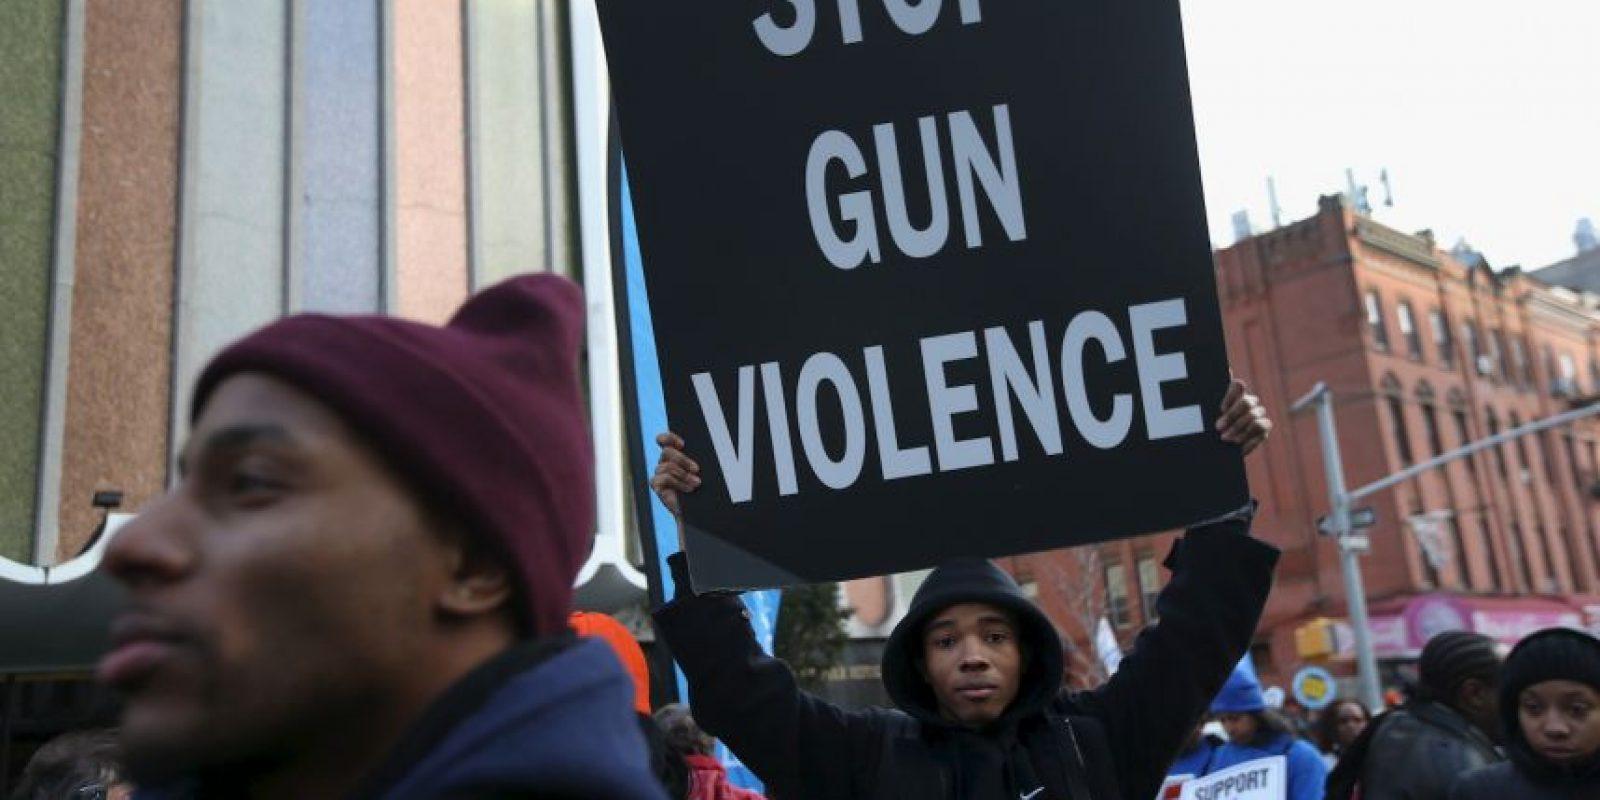 8. Solamente es permitida la fabricación de armas pequeñas, si el fabricante cumple con los requisitos necesarios Foto:Getty Images